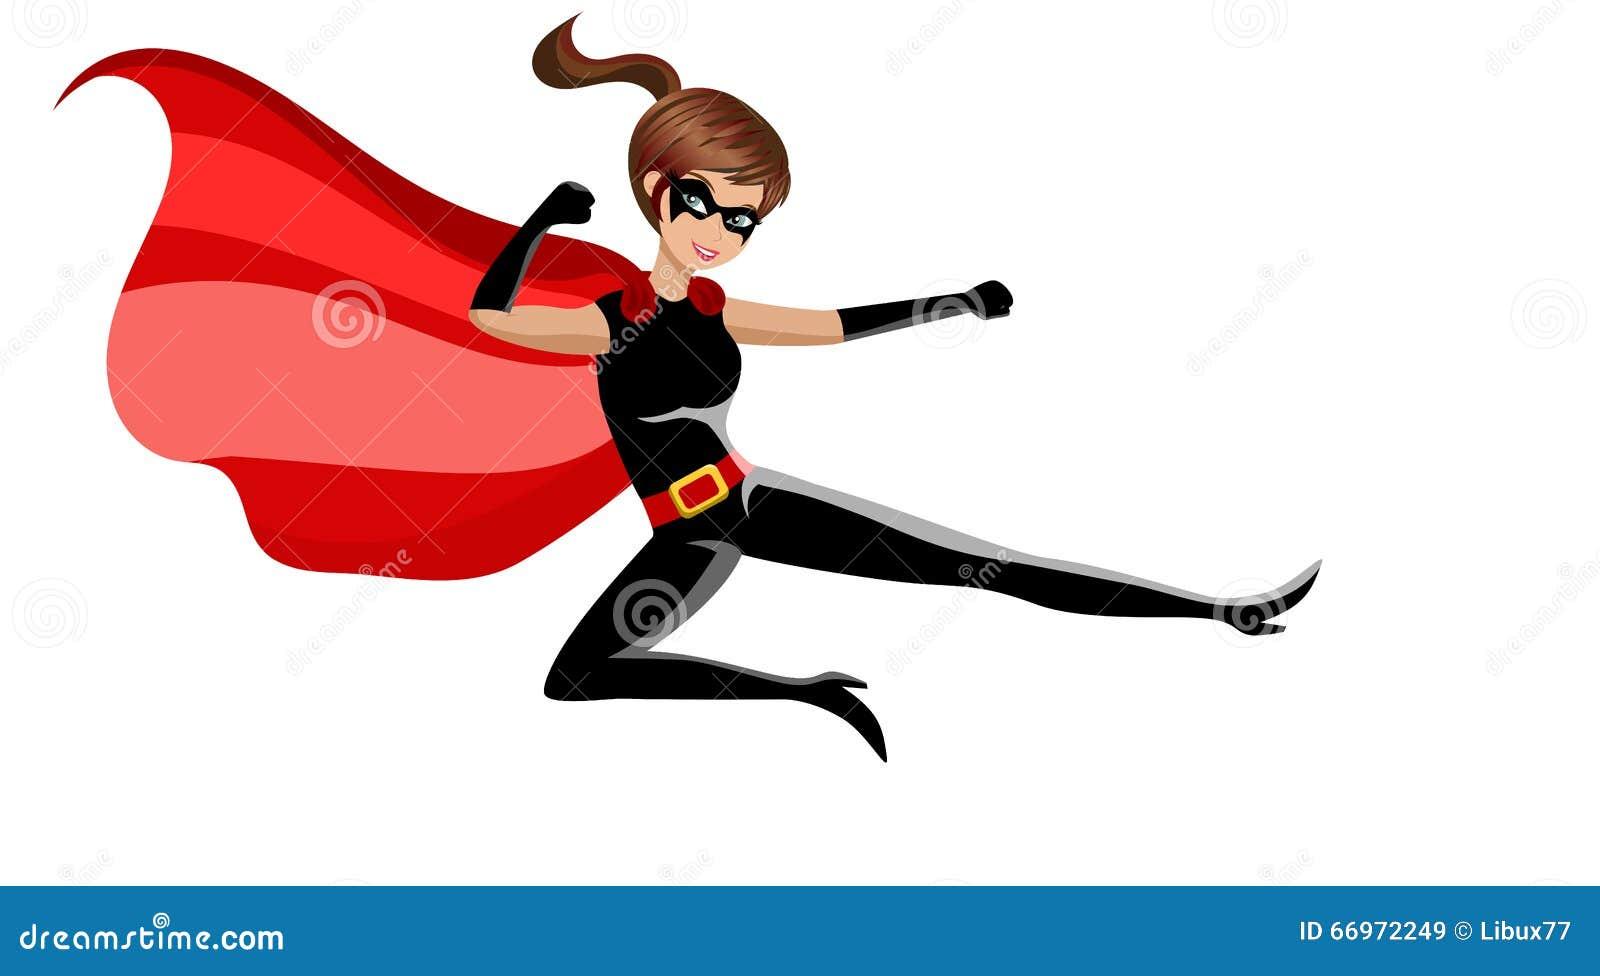 Karat de combat de femme de super h ros illustration de vecteur image 66972249 - Liste de super heros femme ...